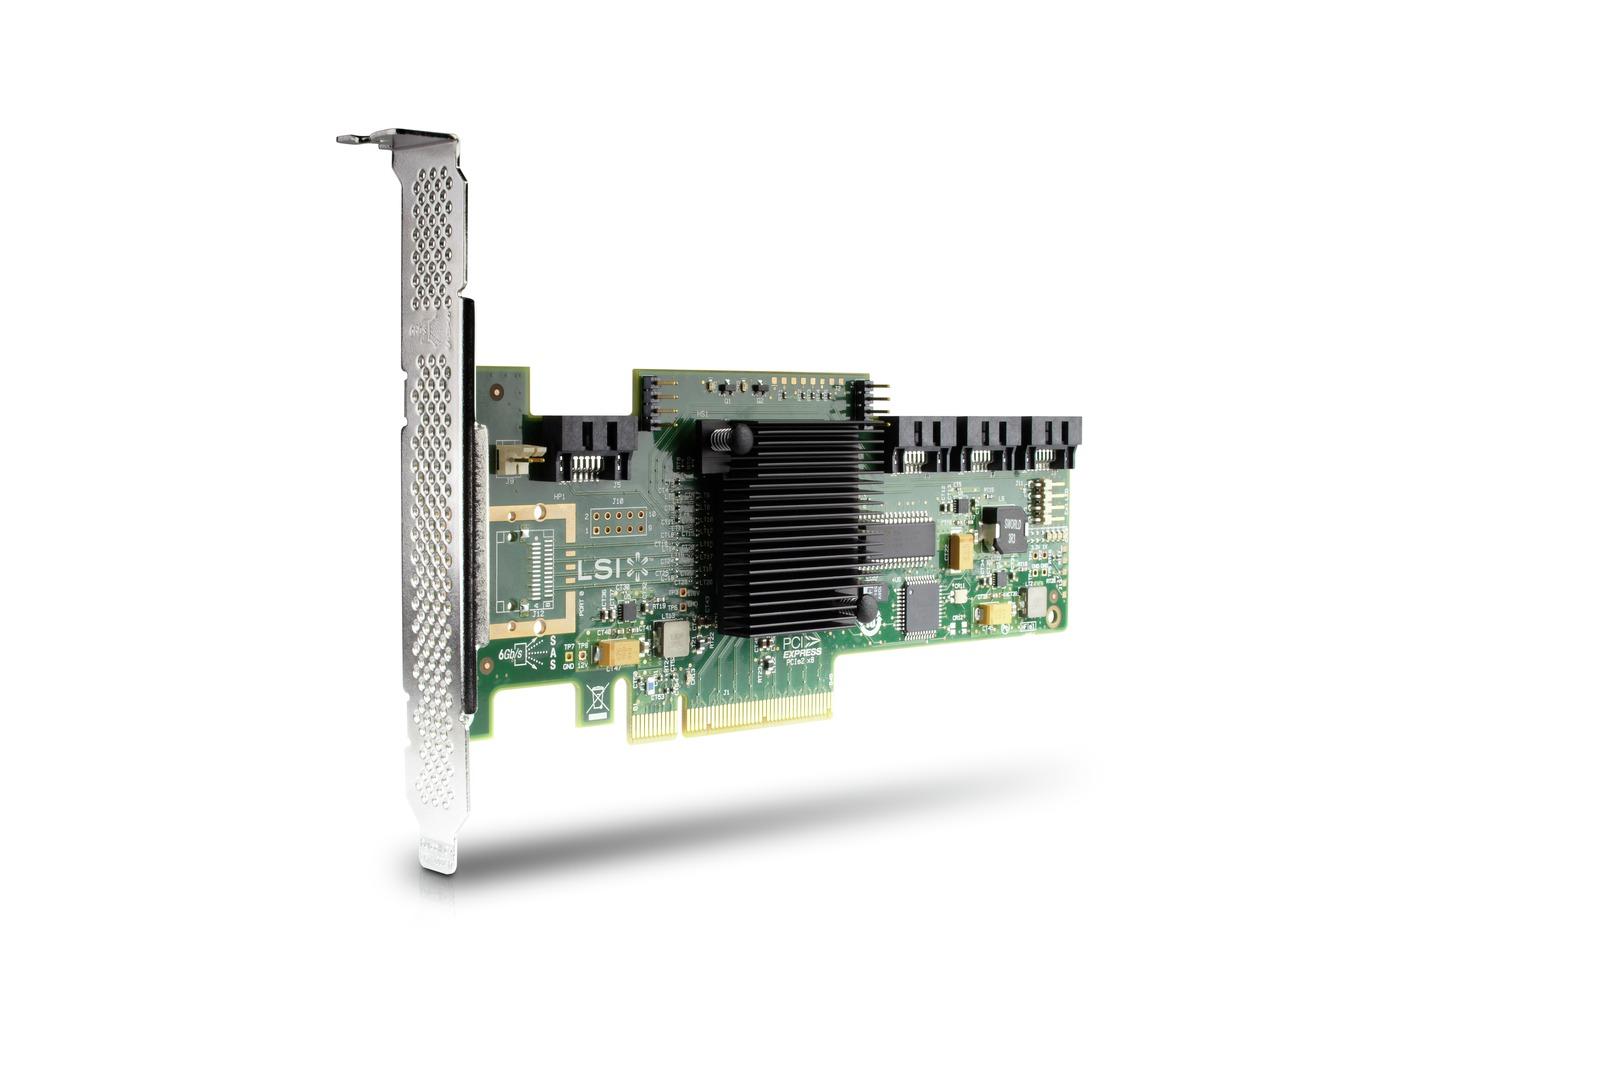 LSI 9212-4i SAS 6GB 4-port RAID card - Half Duplex, x4 PCIe 2000 MB/s, Full Duplex x8 PCIe 4000 MB/s